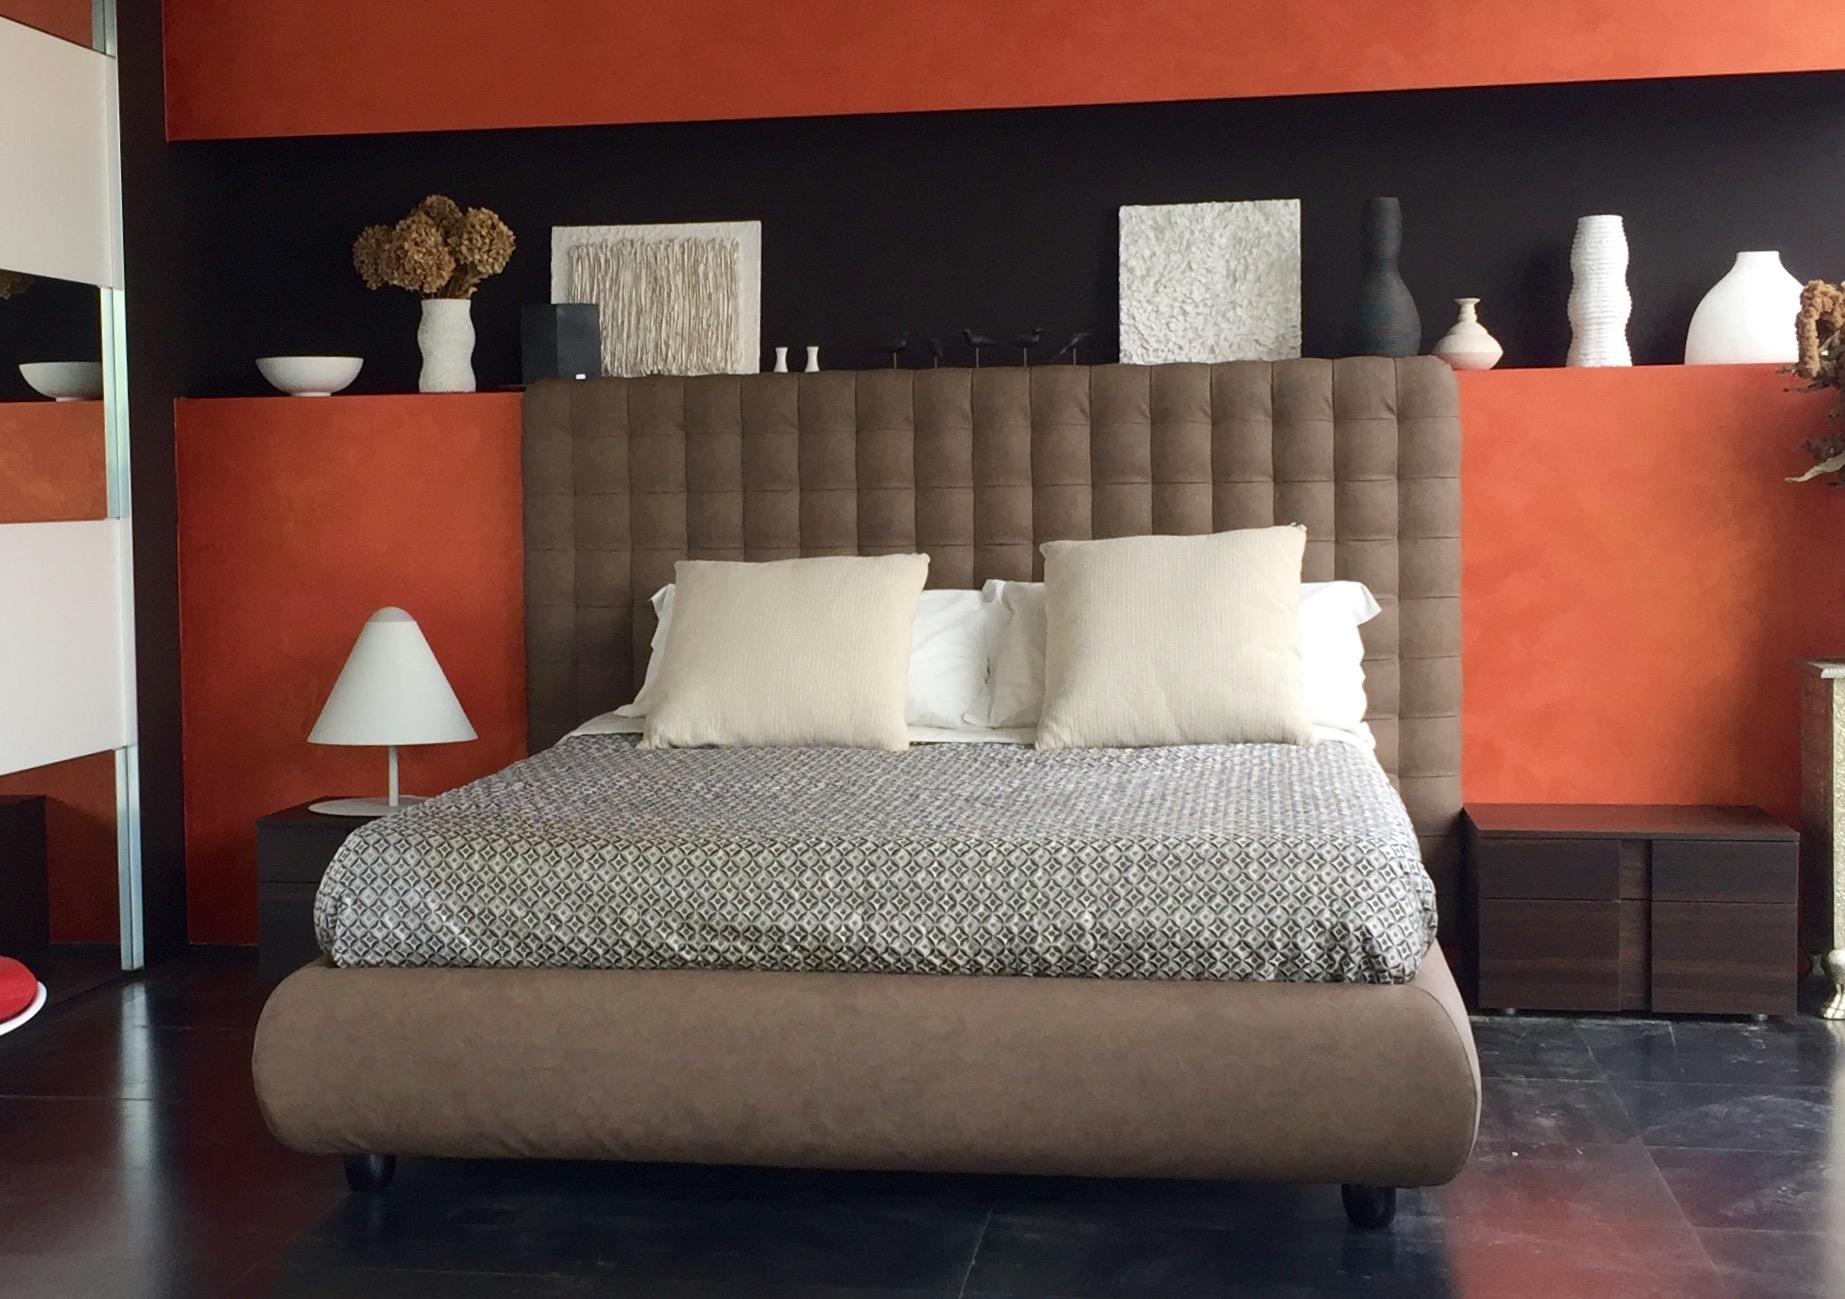 Ikea Letto Matrimoniale Con Cassetti : Twils letto chocolat contenitore matrimoniale letti a